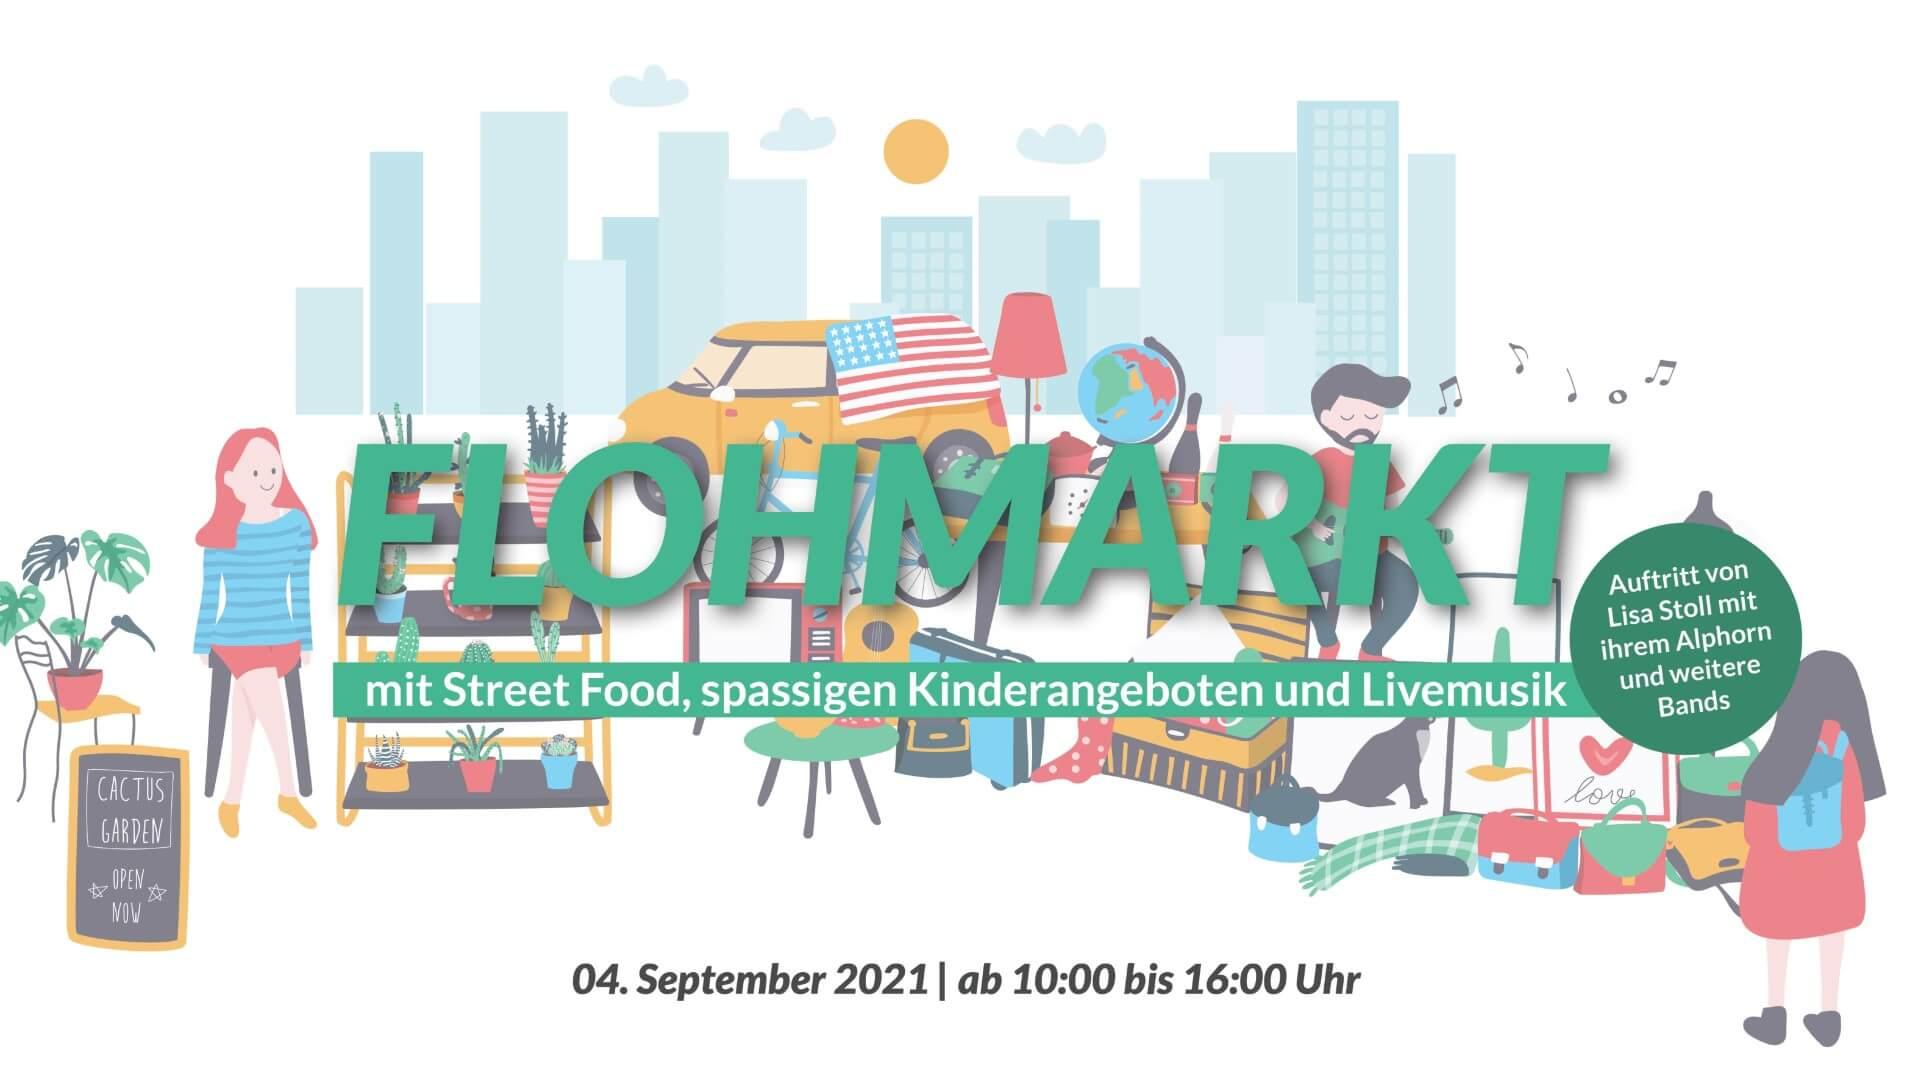 16_9_slide_Flohmarkt_mit